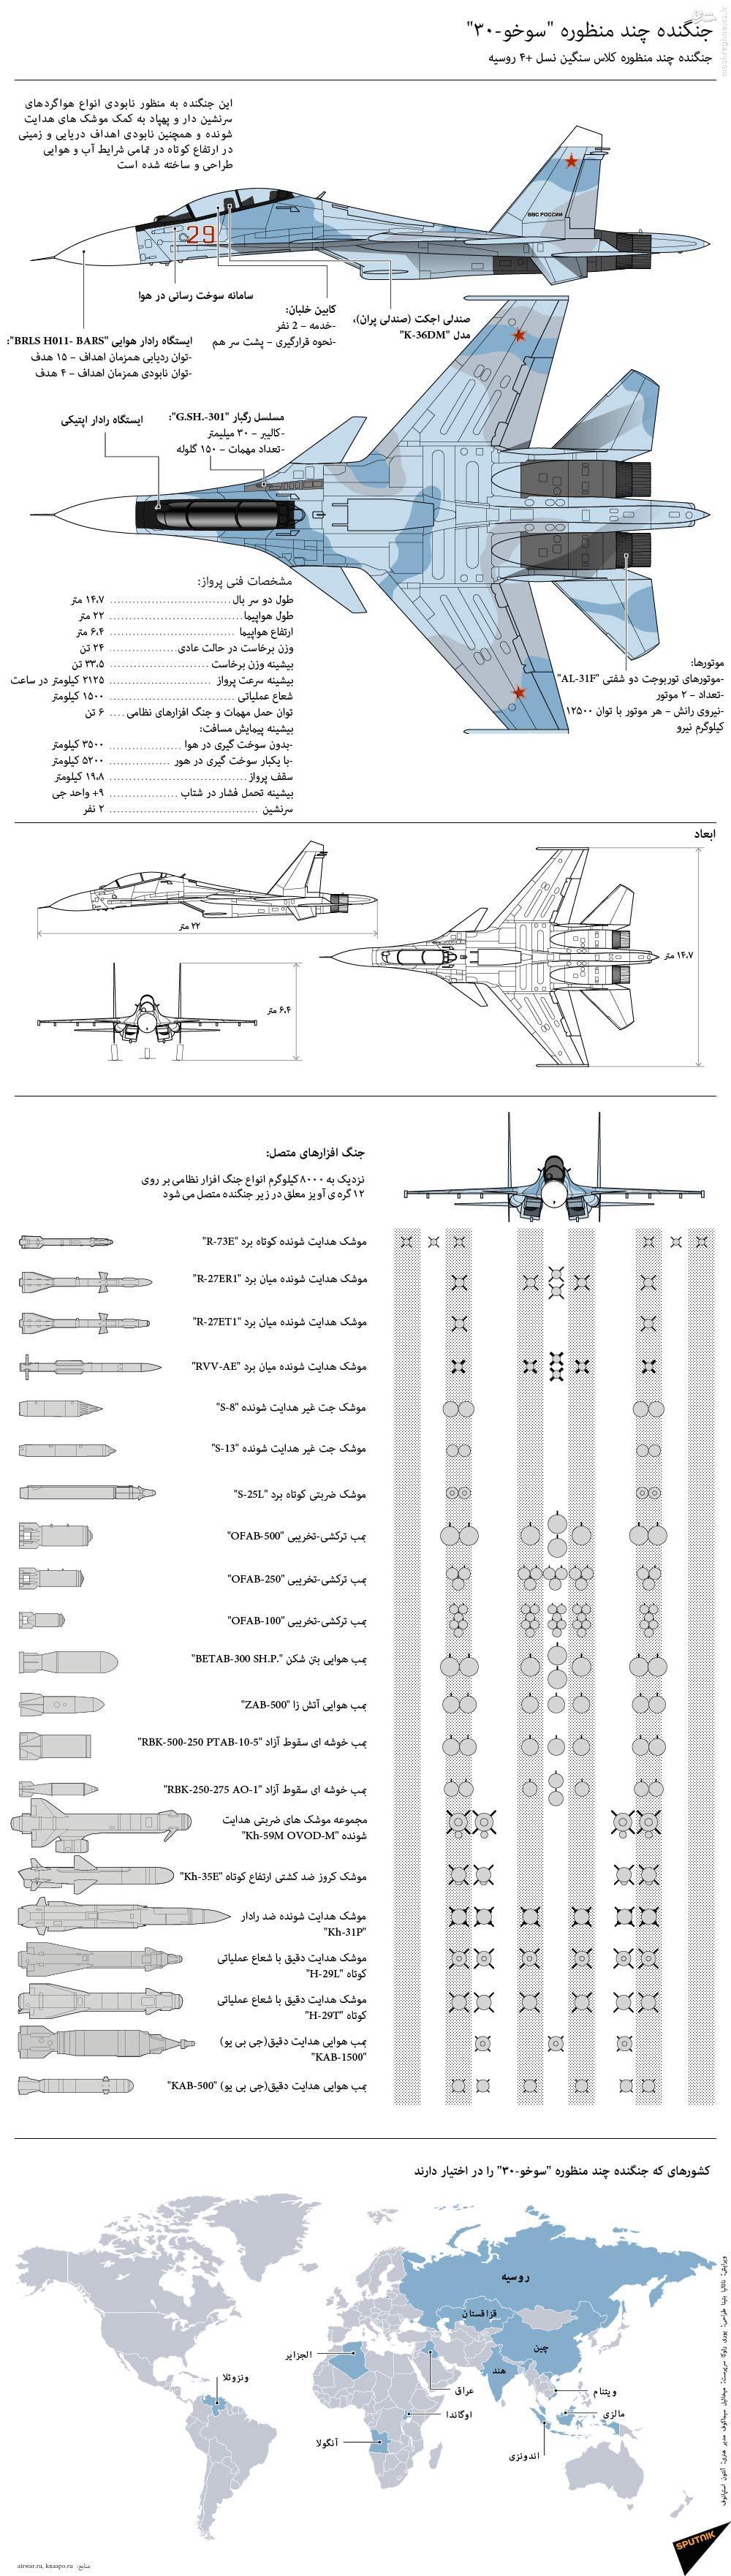 جنگنده چند منظوره کلاس سنگین نسل +4 روسیه